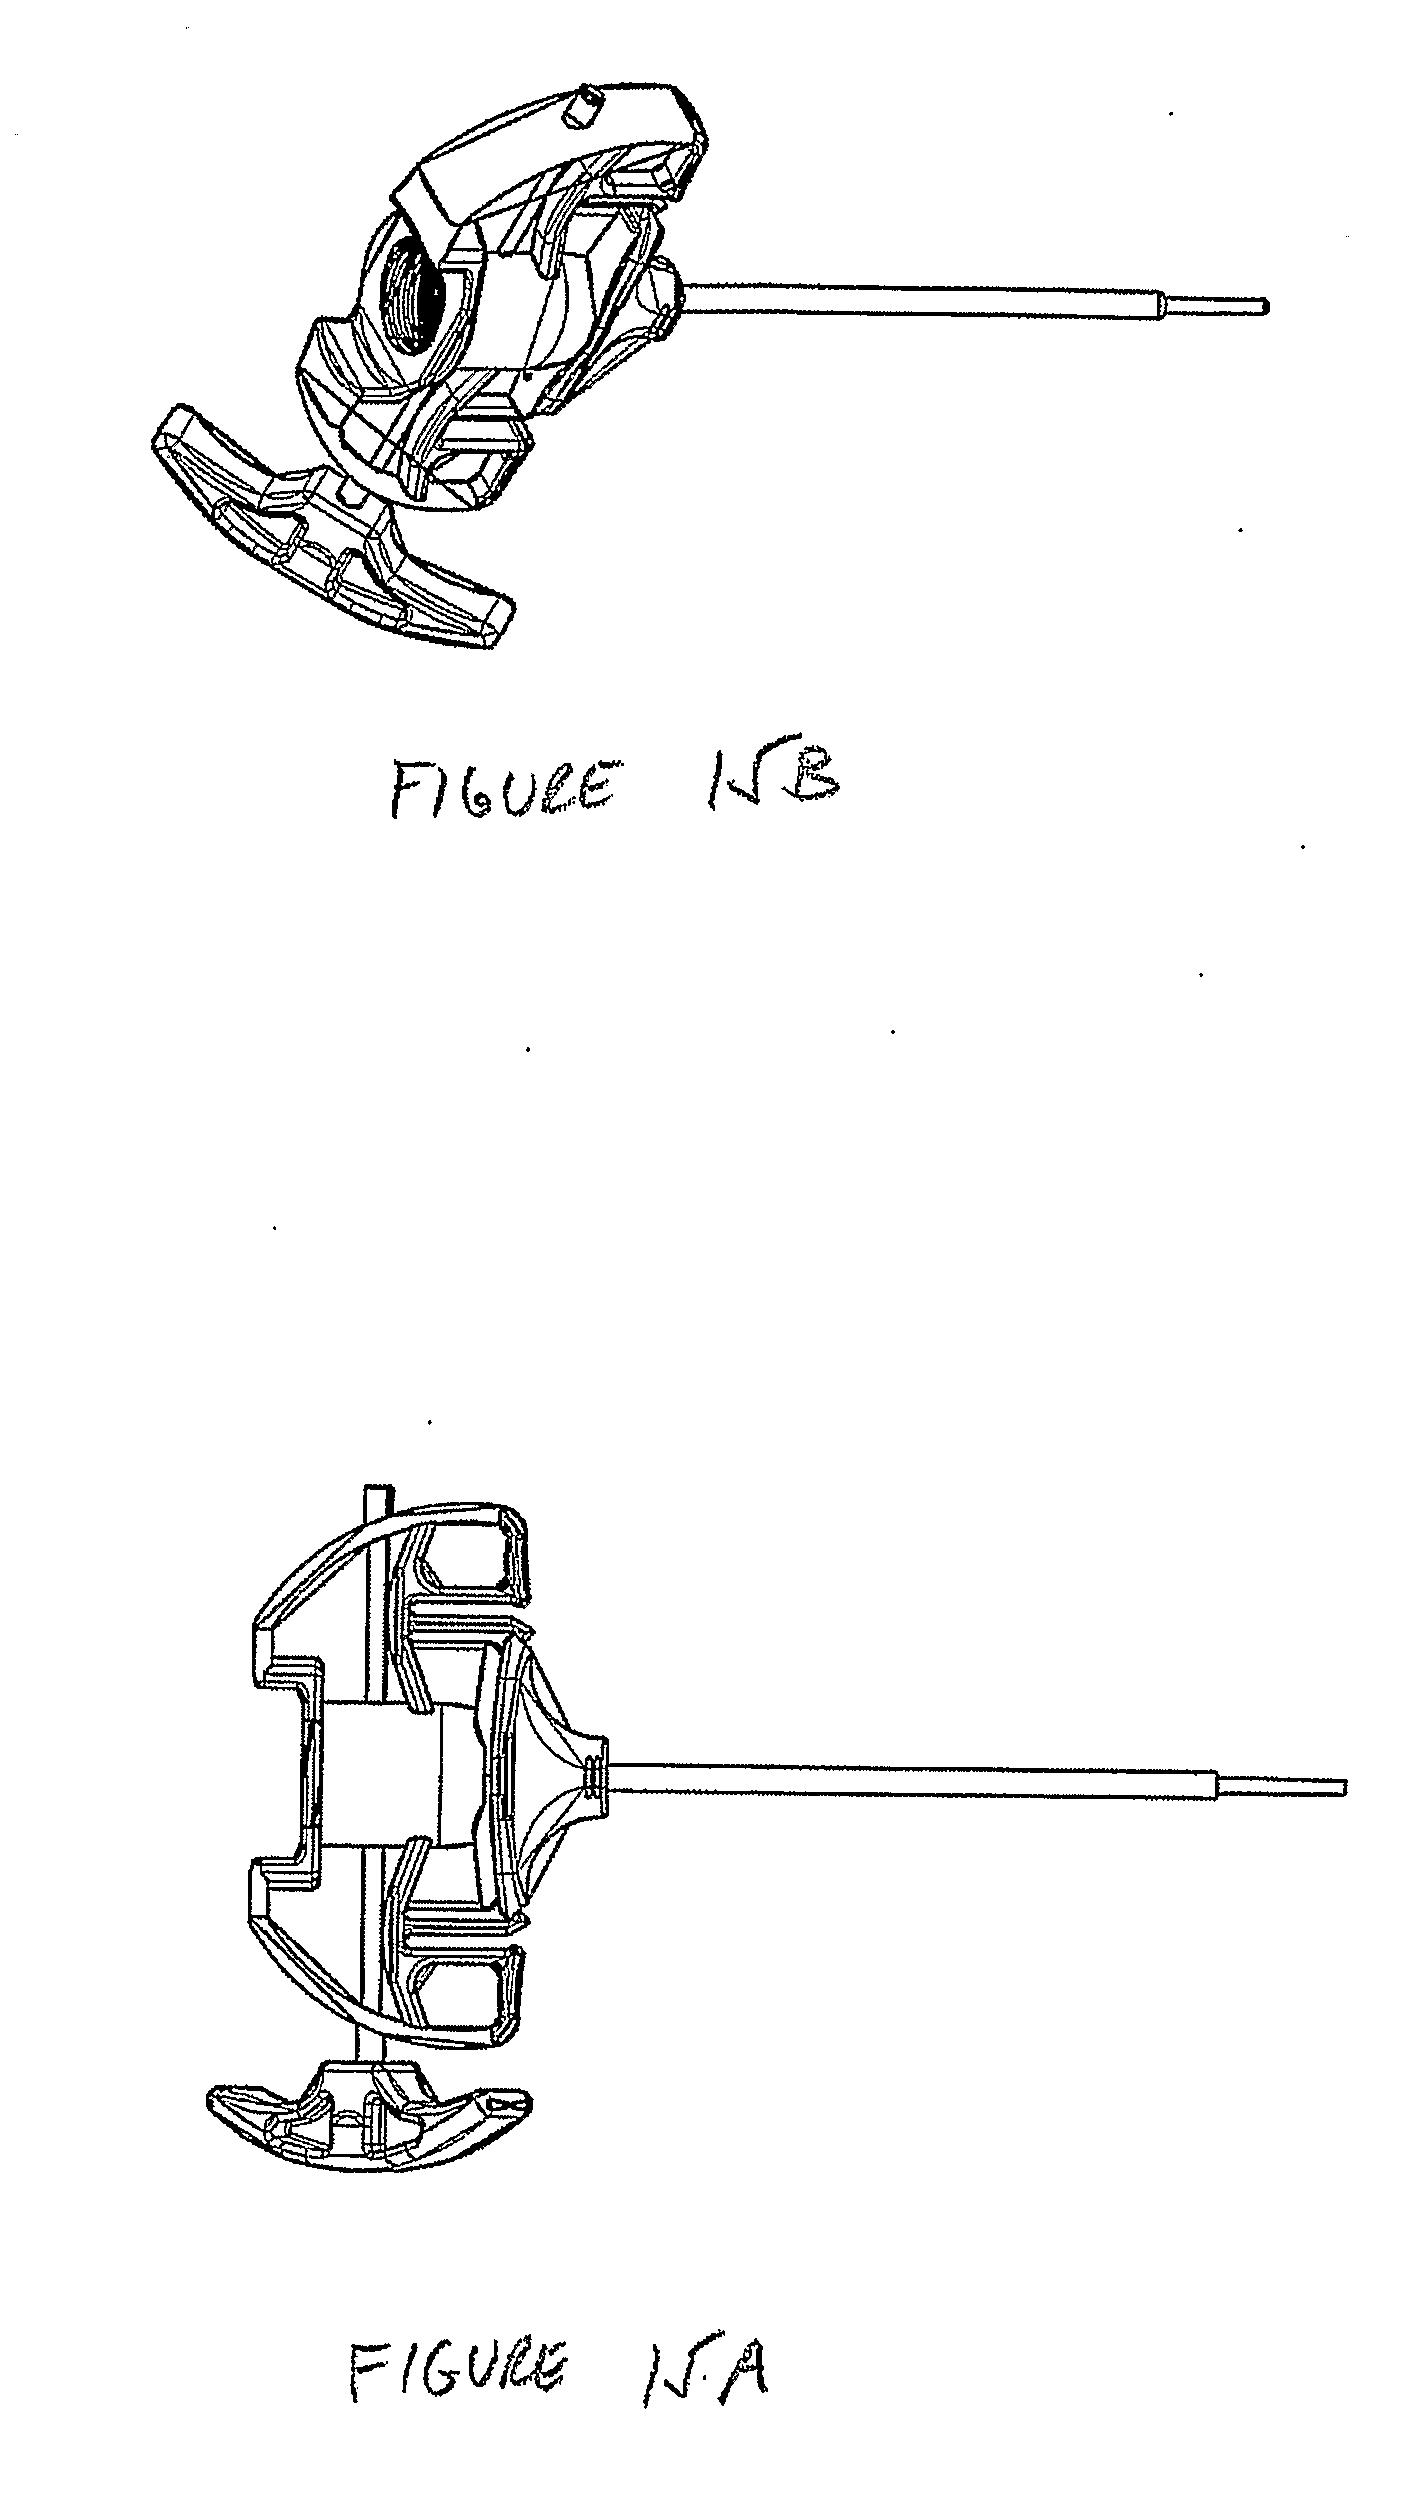 patent us20100023017